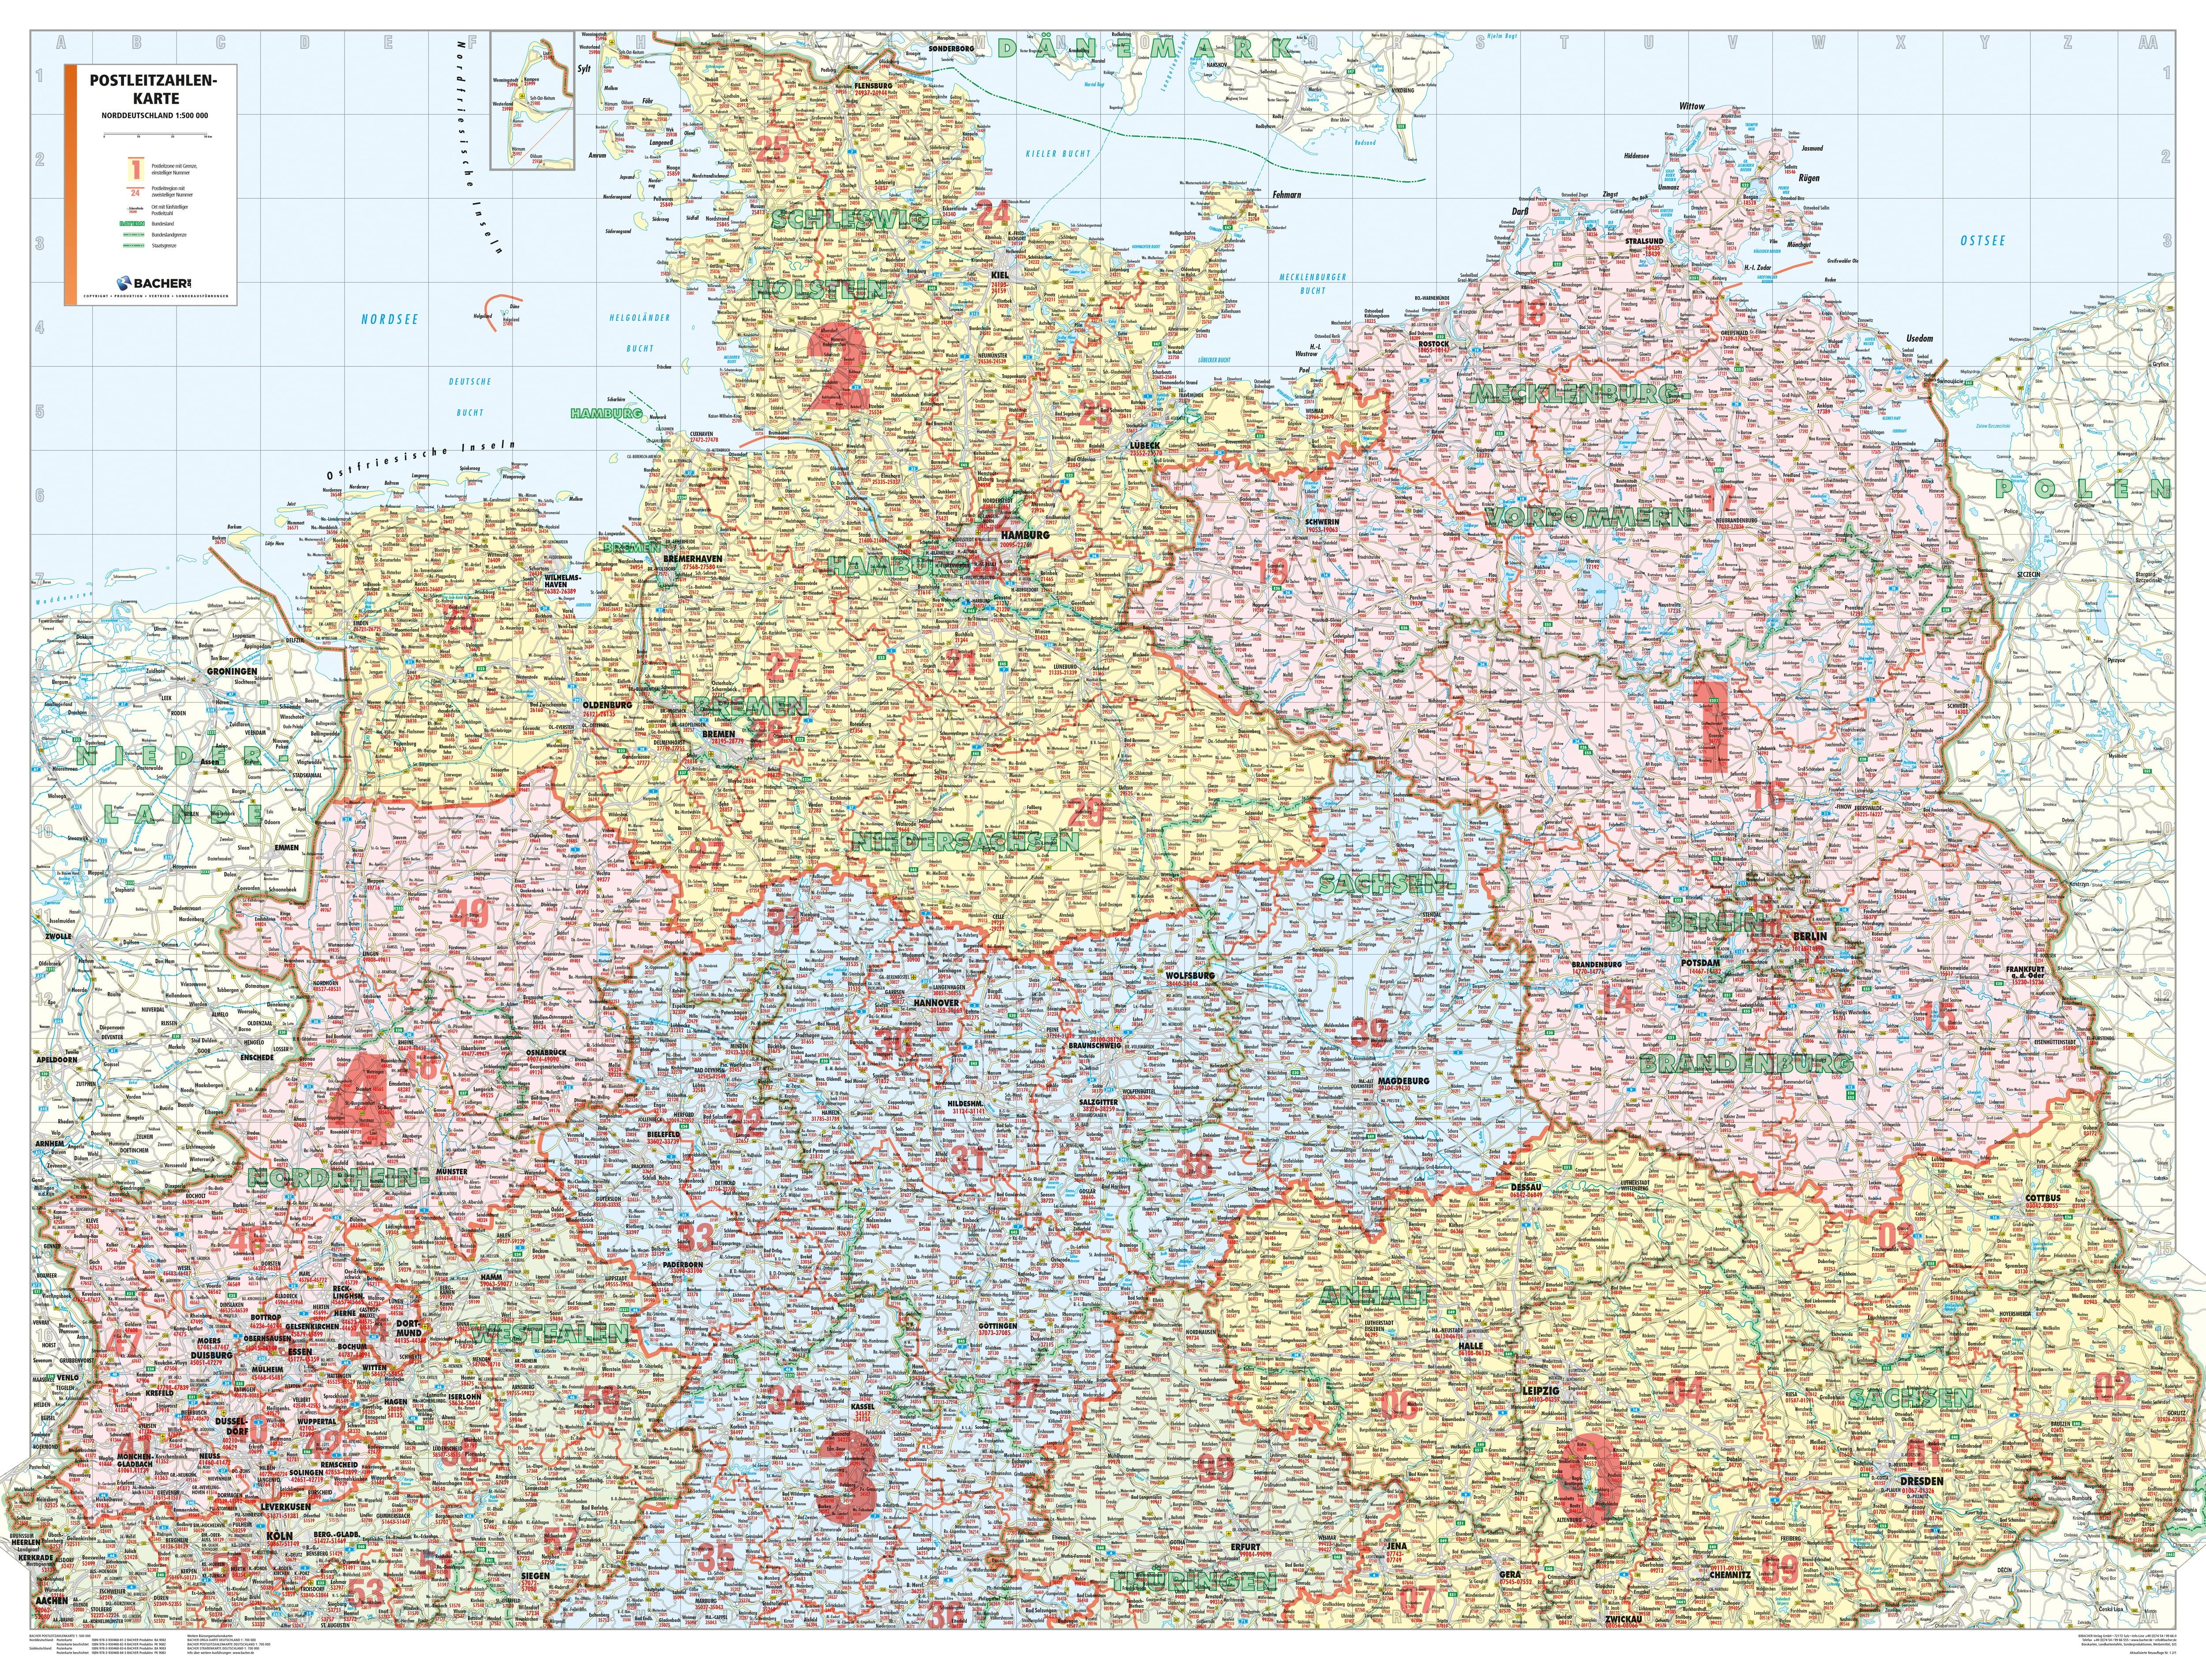 Karte Plz.Postleitzahlenkarte Norddeutschland